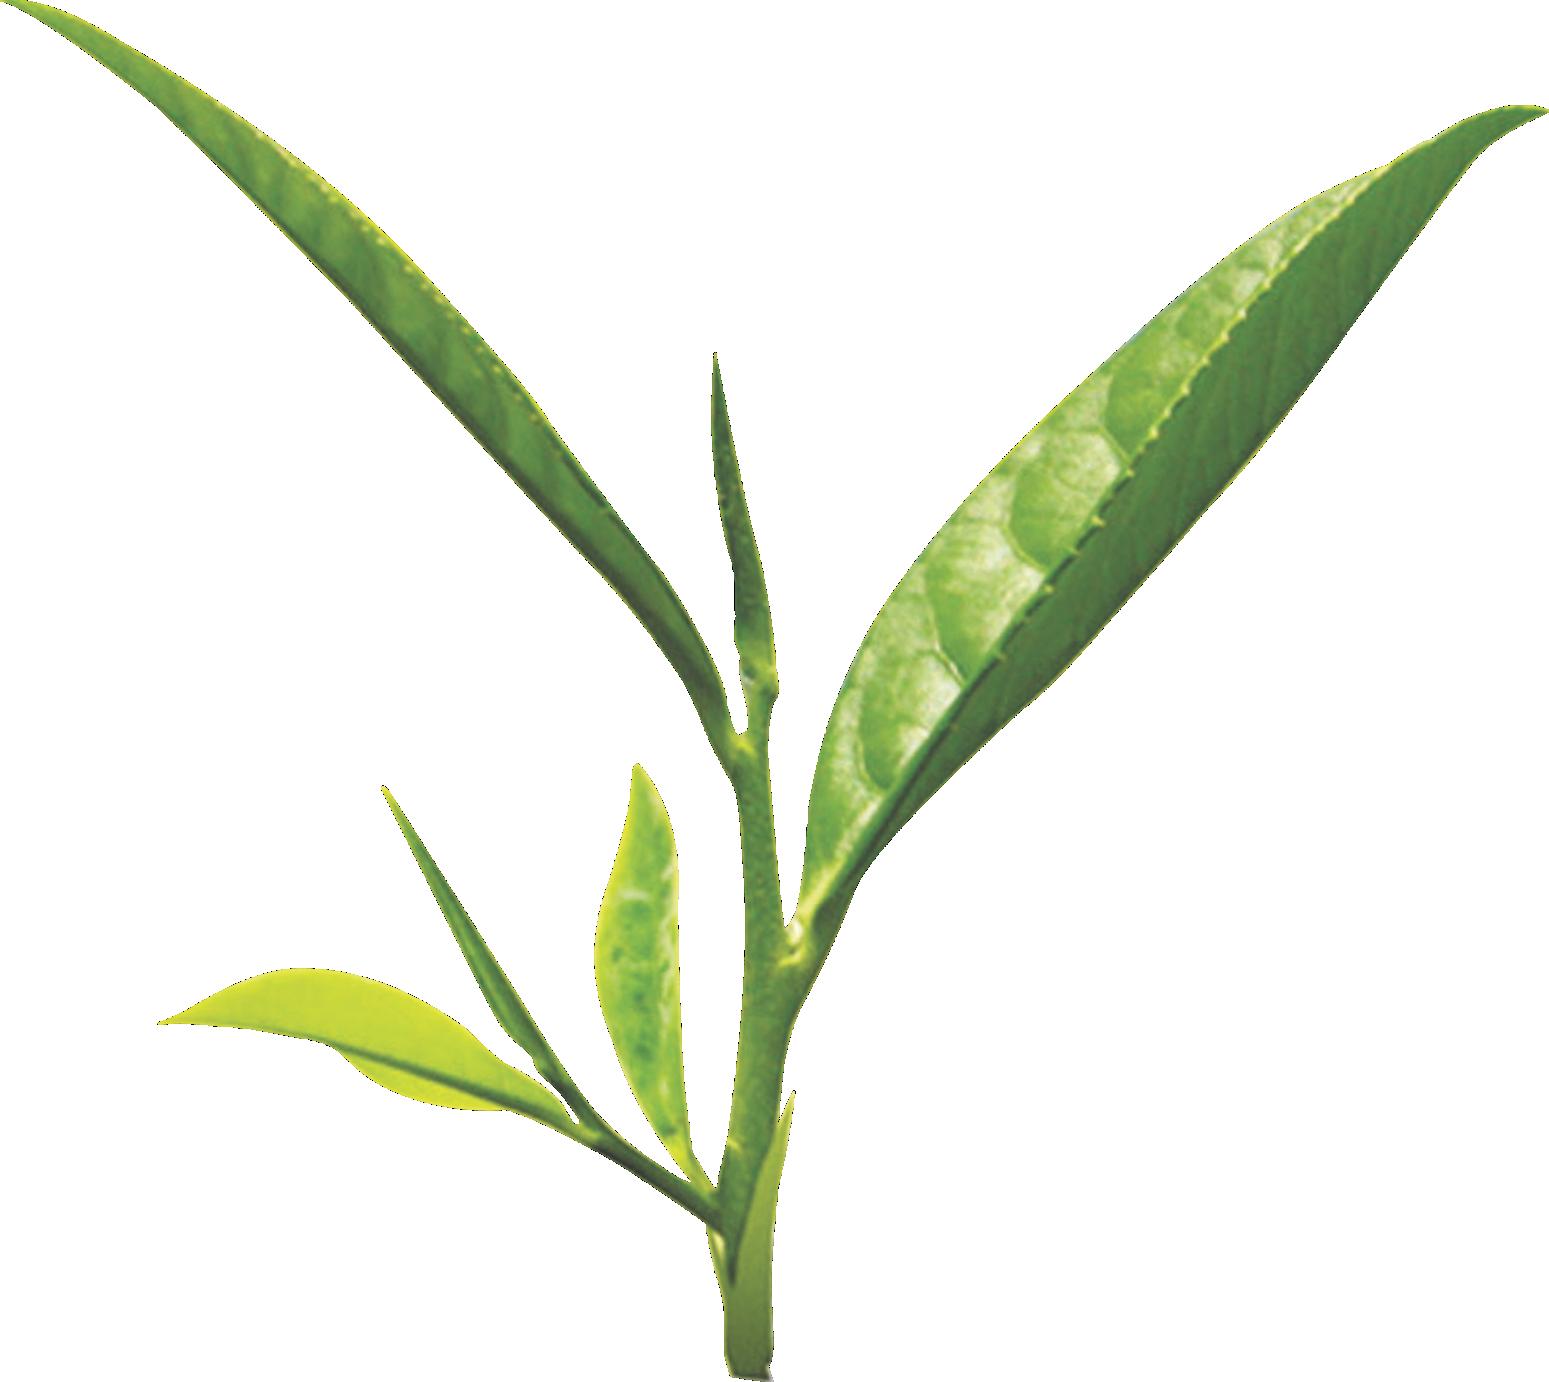 Tea leaf png images free download